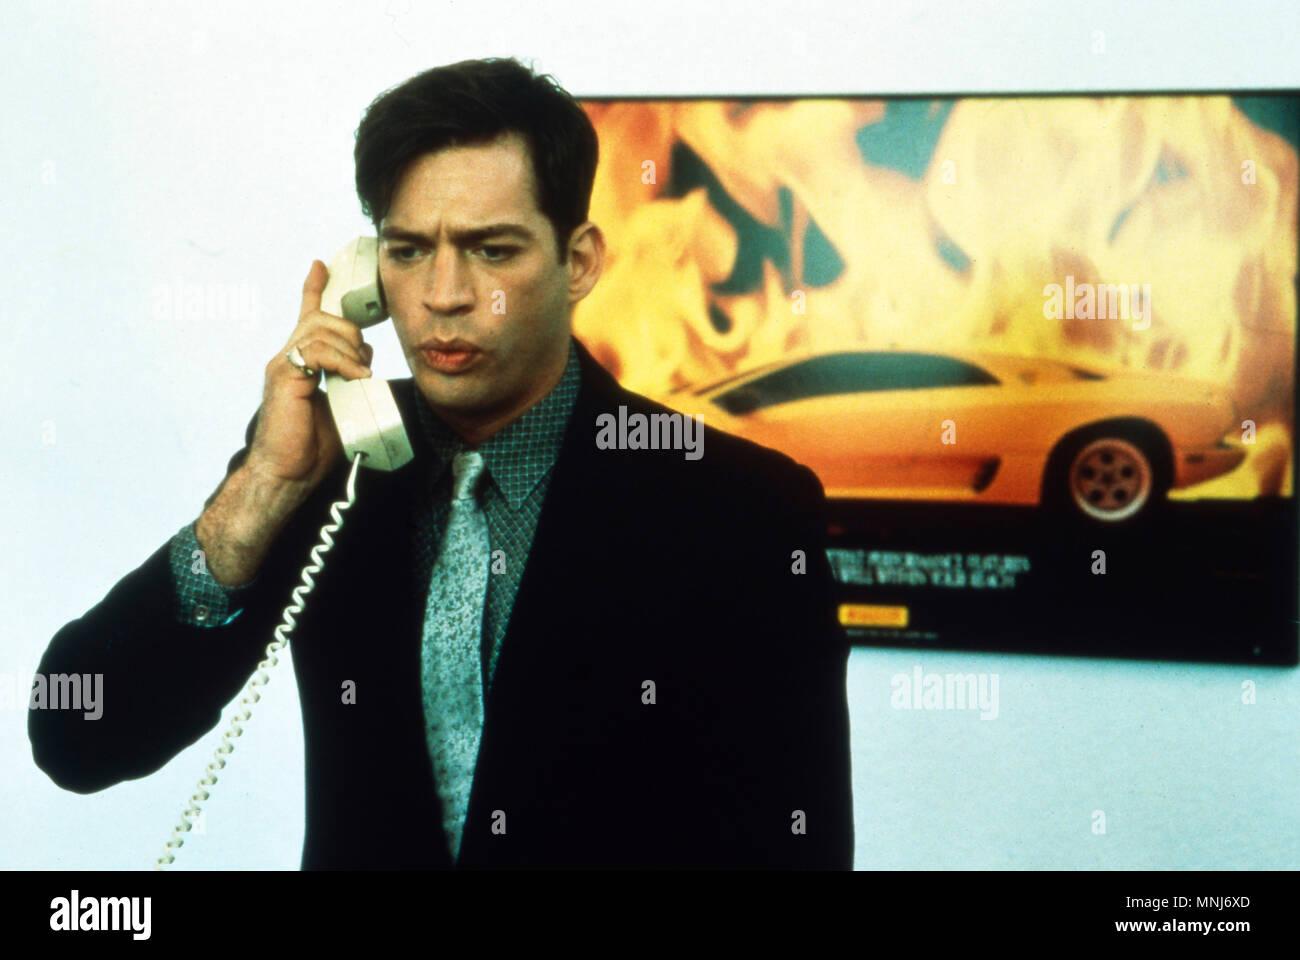 Excess Baggage, aka: Ärger im Gepäck, USA 1997, Regie: Marco Brambilla, Darsteller: Benicia del Toro (?) - Stock Image